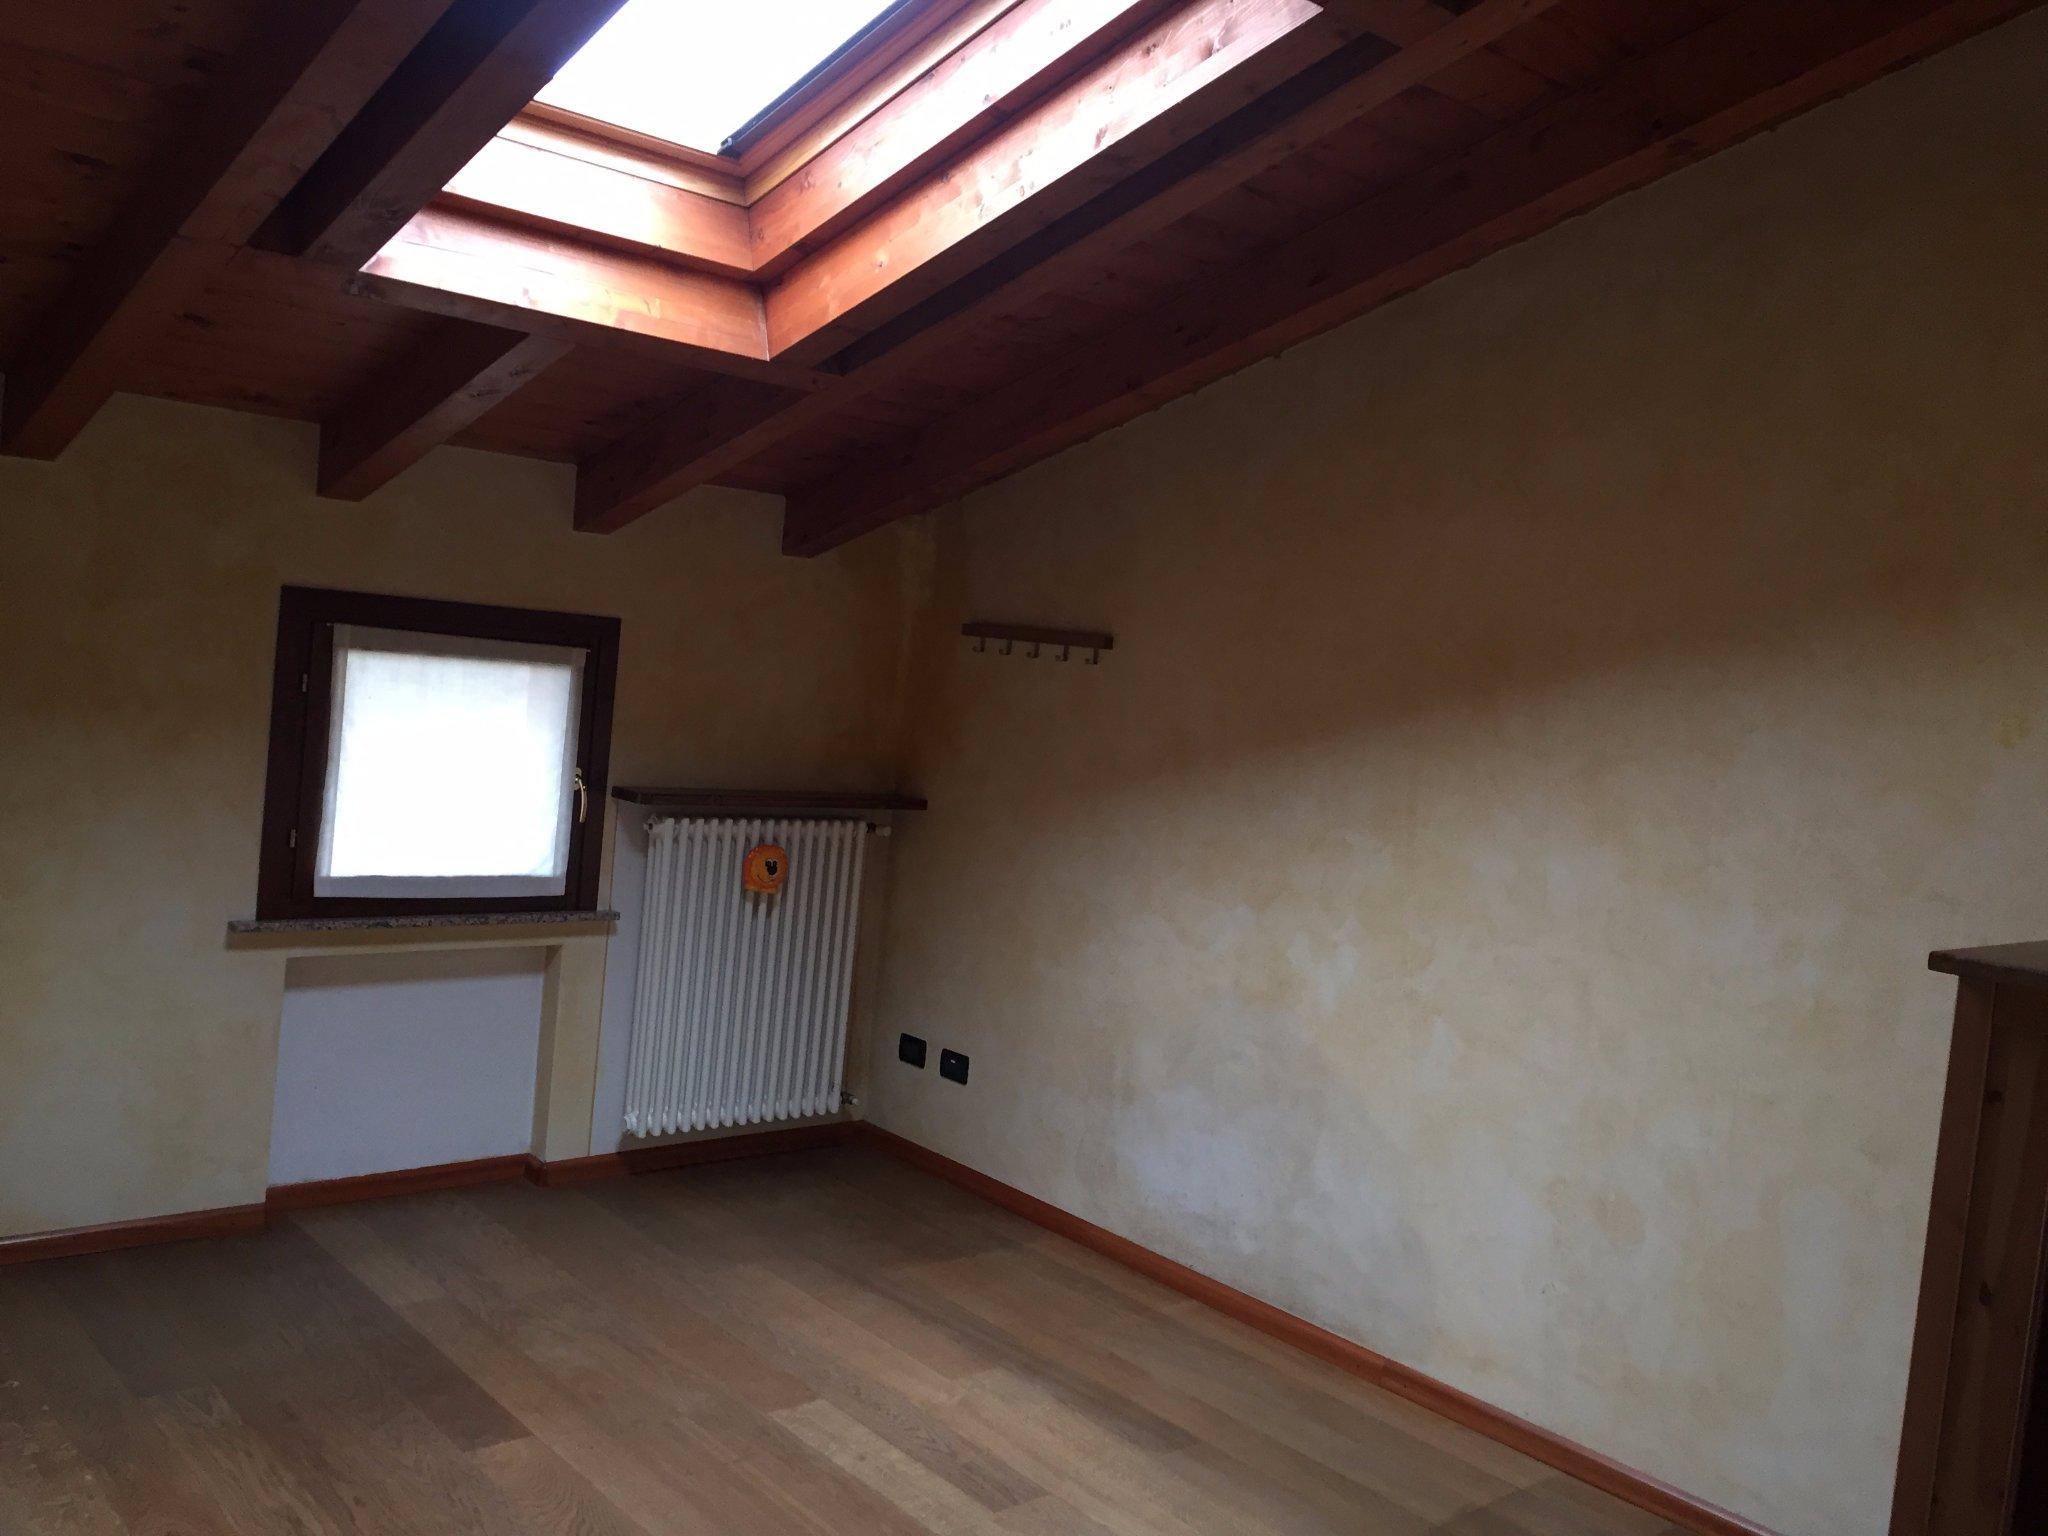 Verniciare finestre legno - Verniciare finestre ...